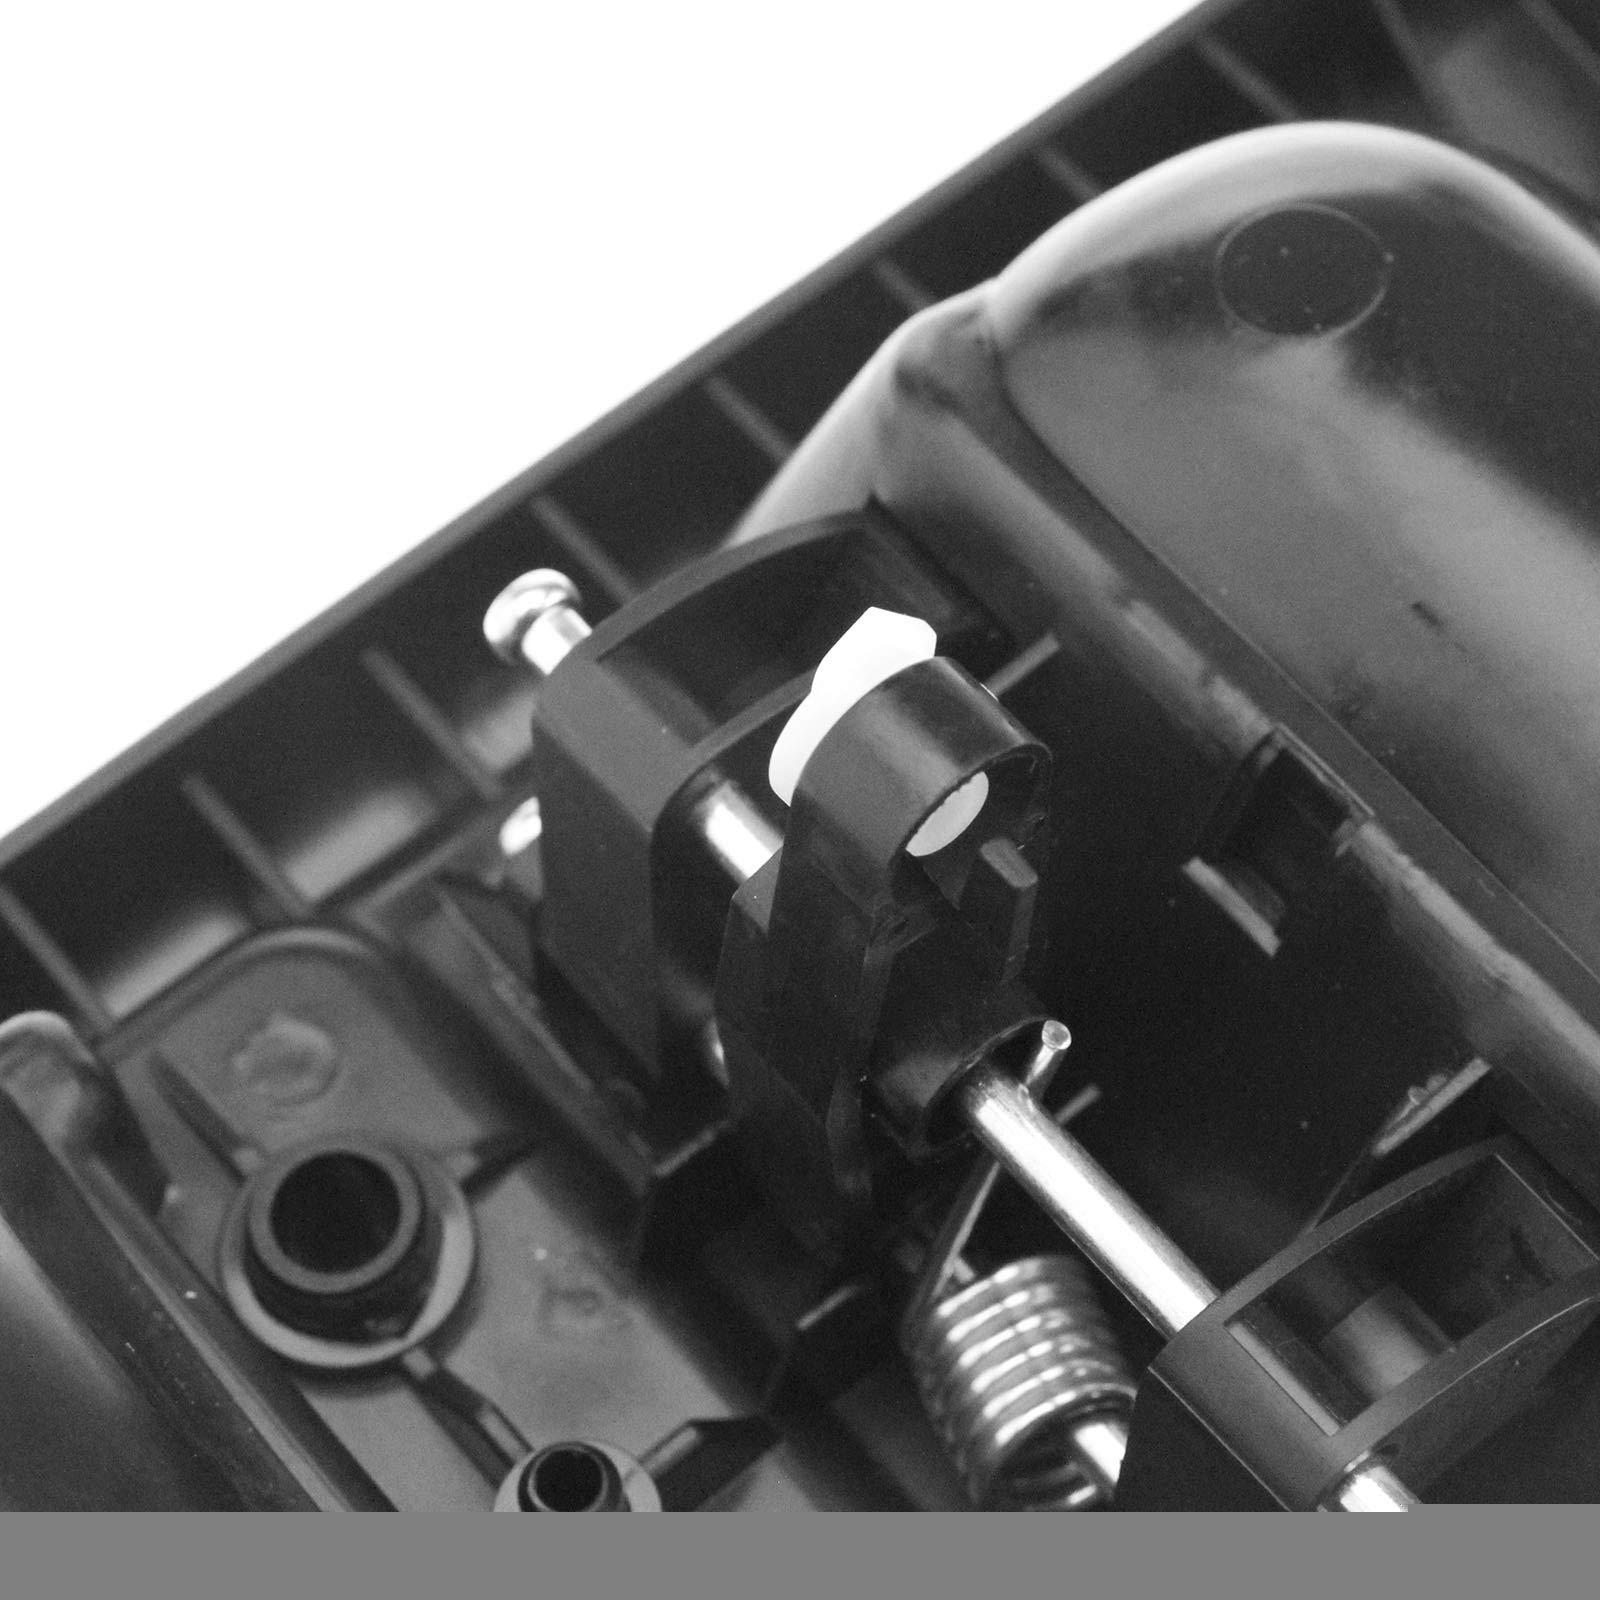 D2D Tirador de Puerta Exterior Deslizante OEM 7700352421: Amazon.es: Hogar